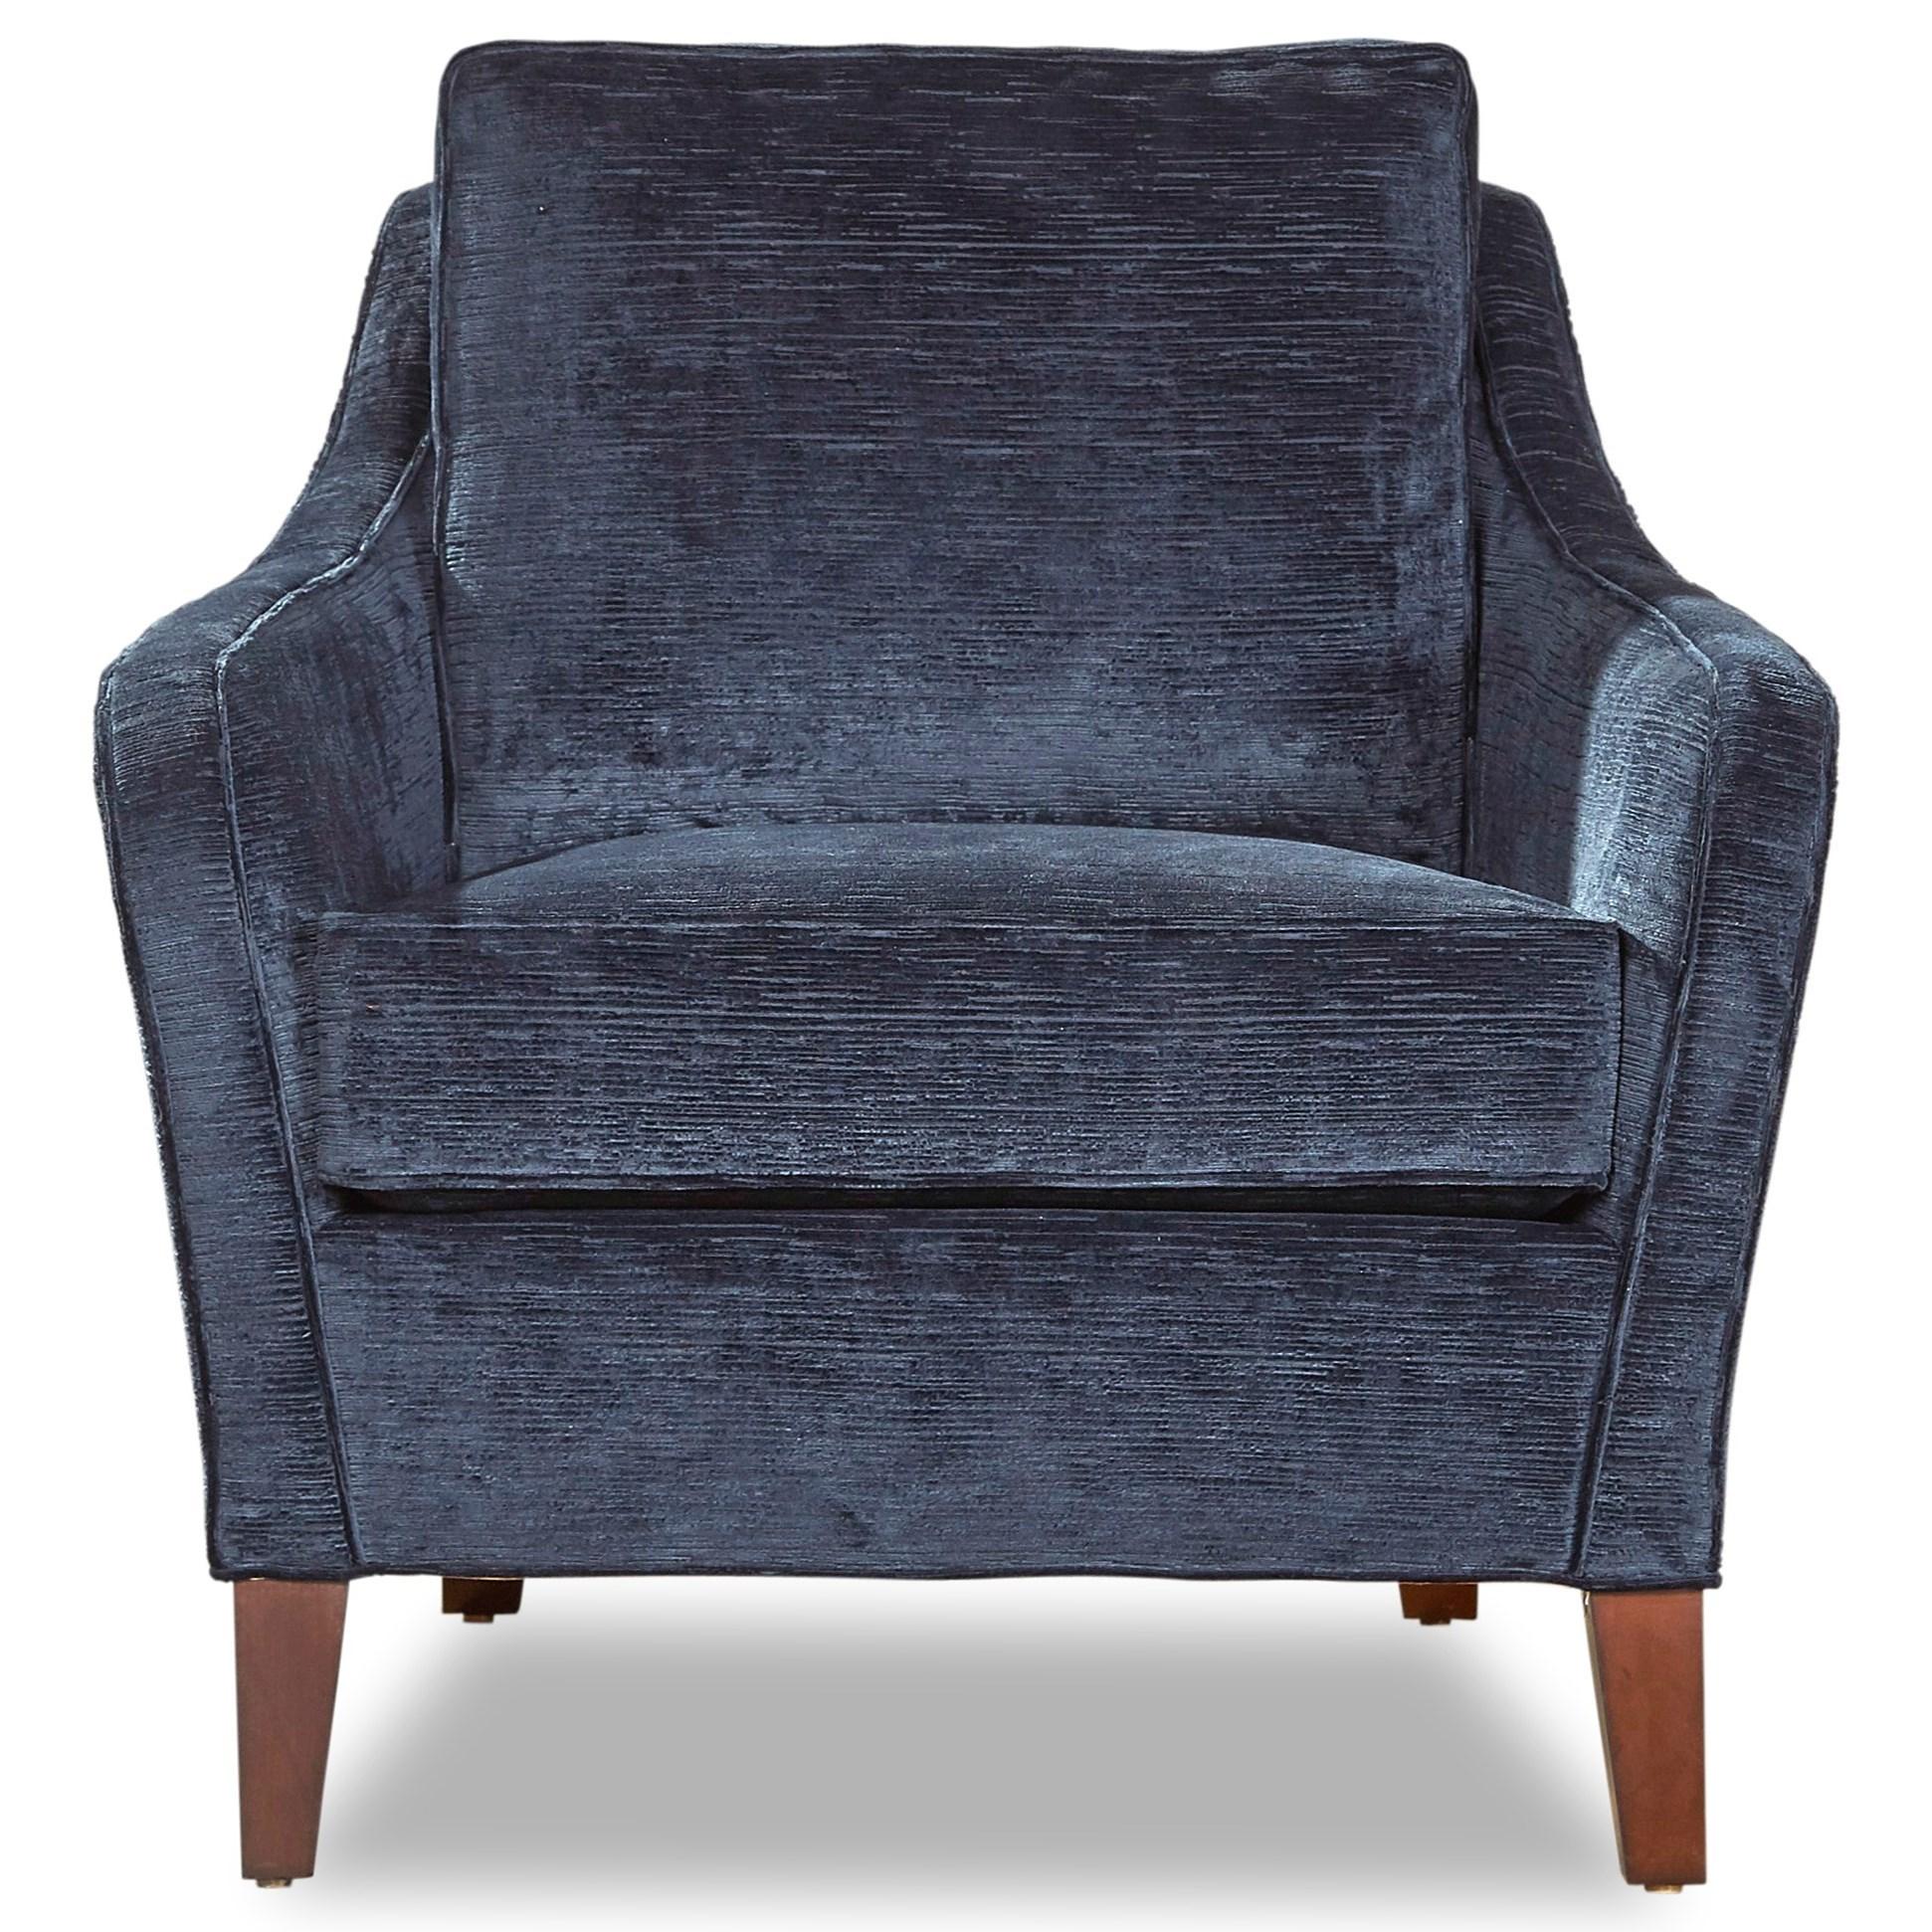 7287 Chair by Geoffrey Alexander at Sprintz Furniture